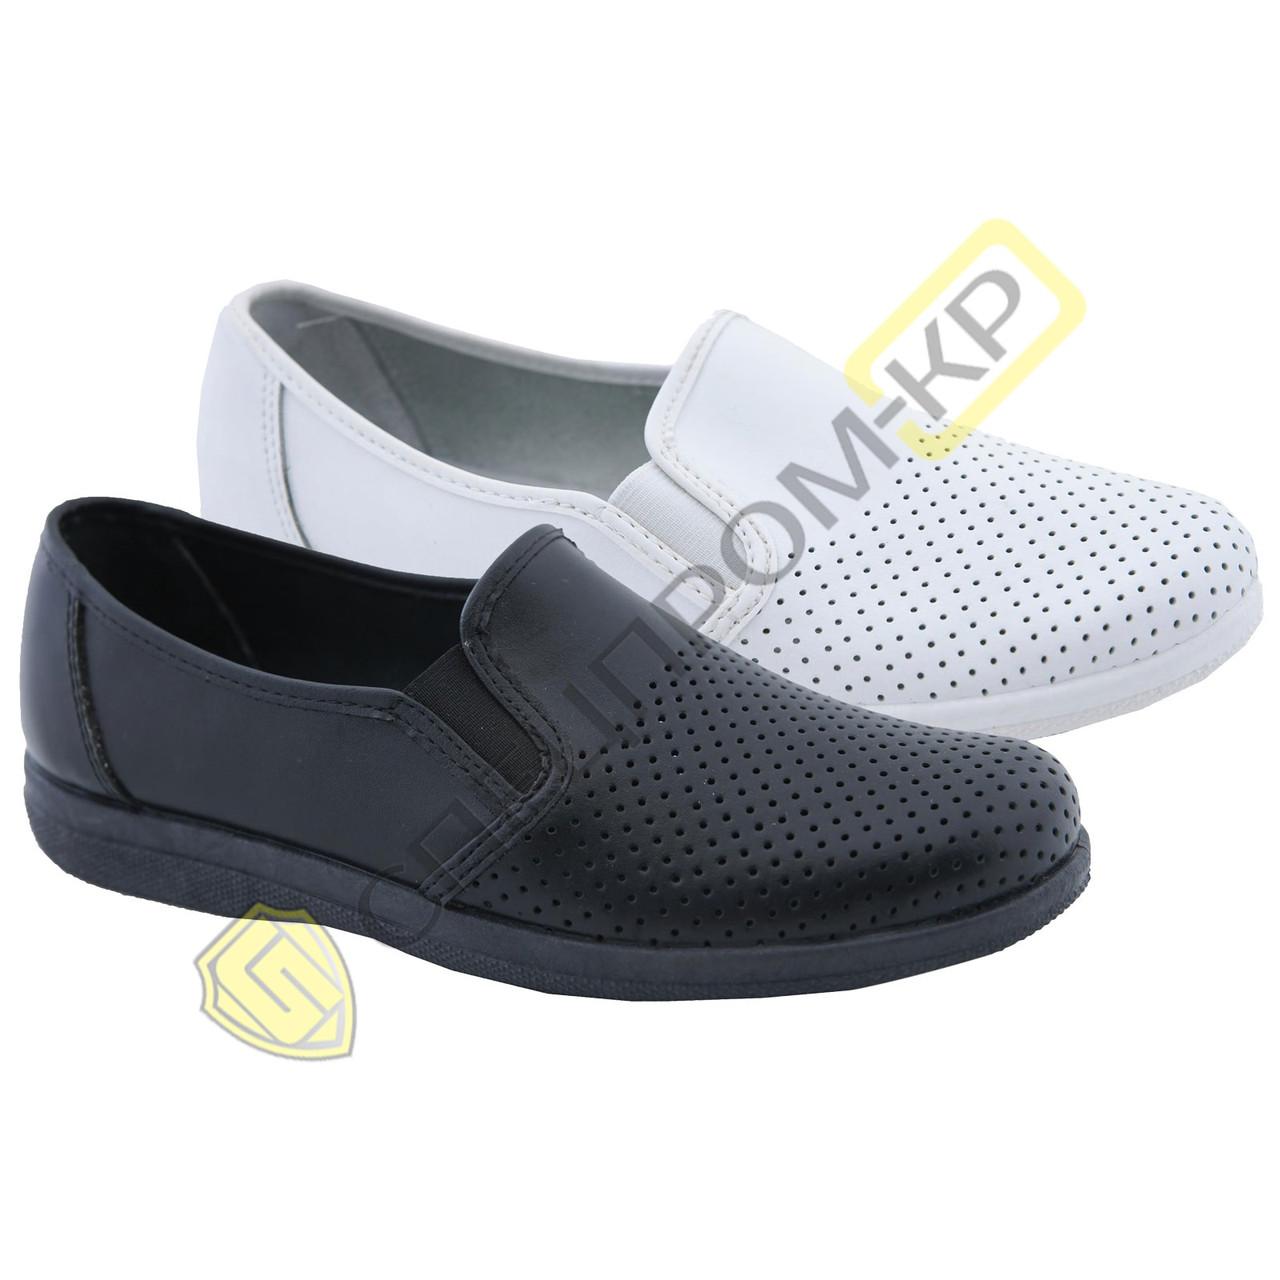 Туфли мужские Алекс 53-05-A